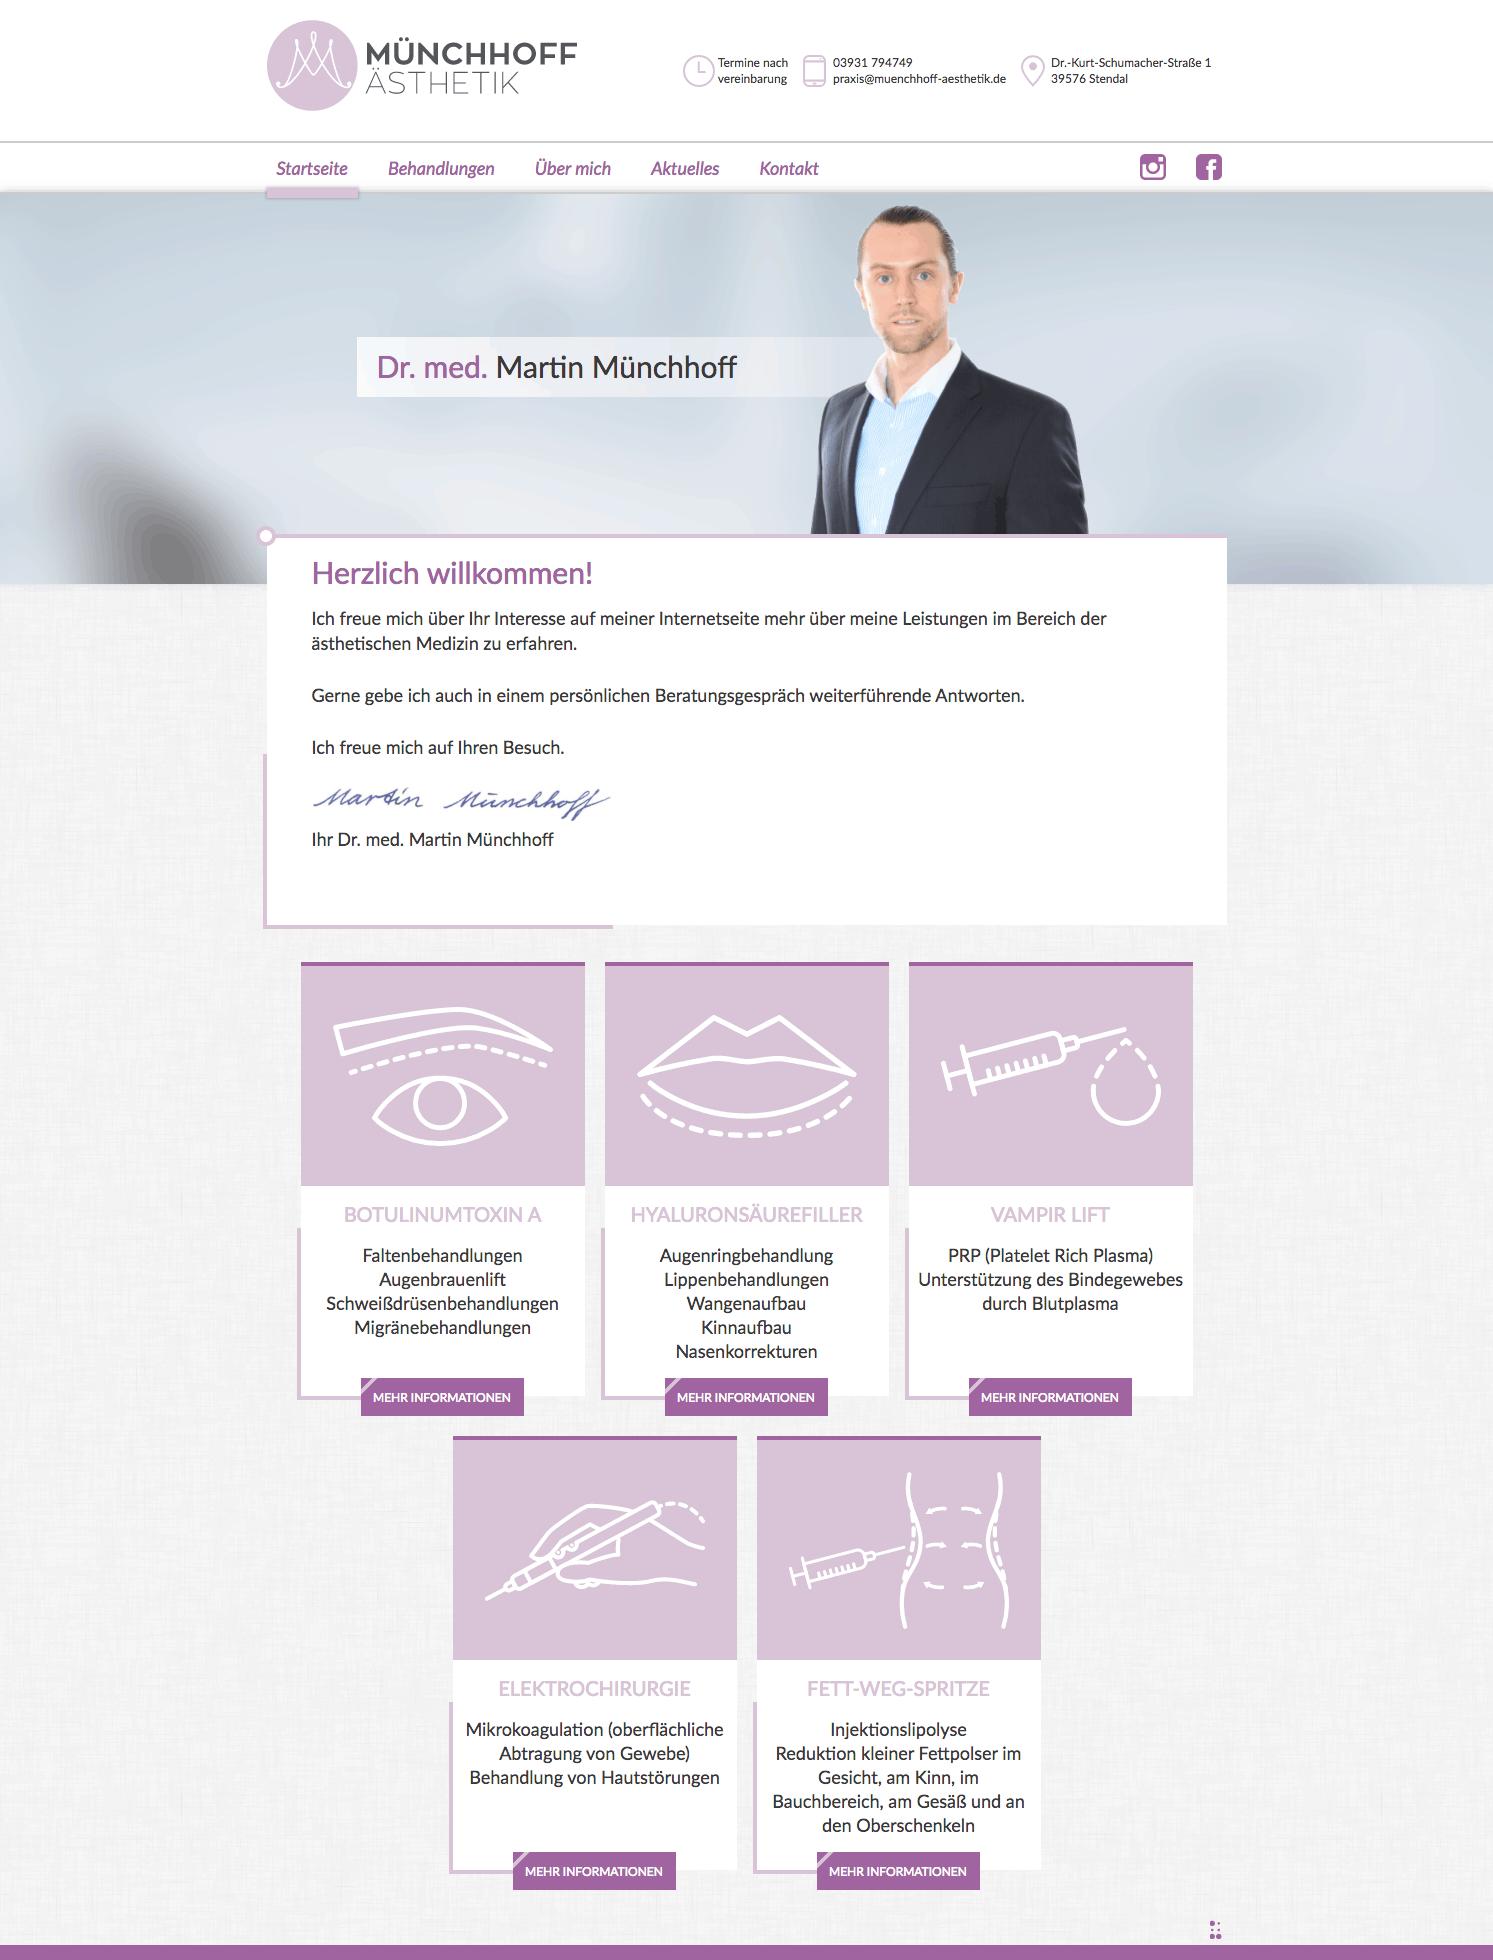 Webdesign für  Münchhoff Ästhetik